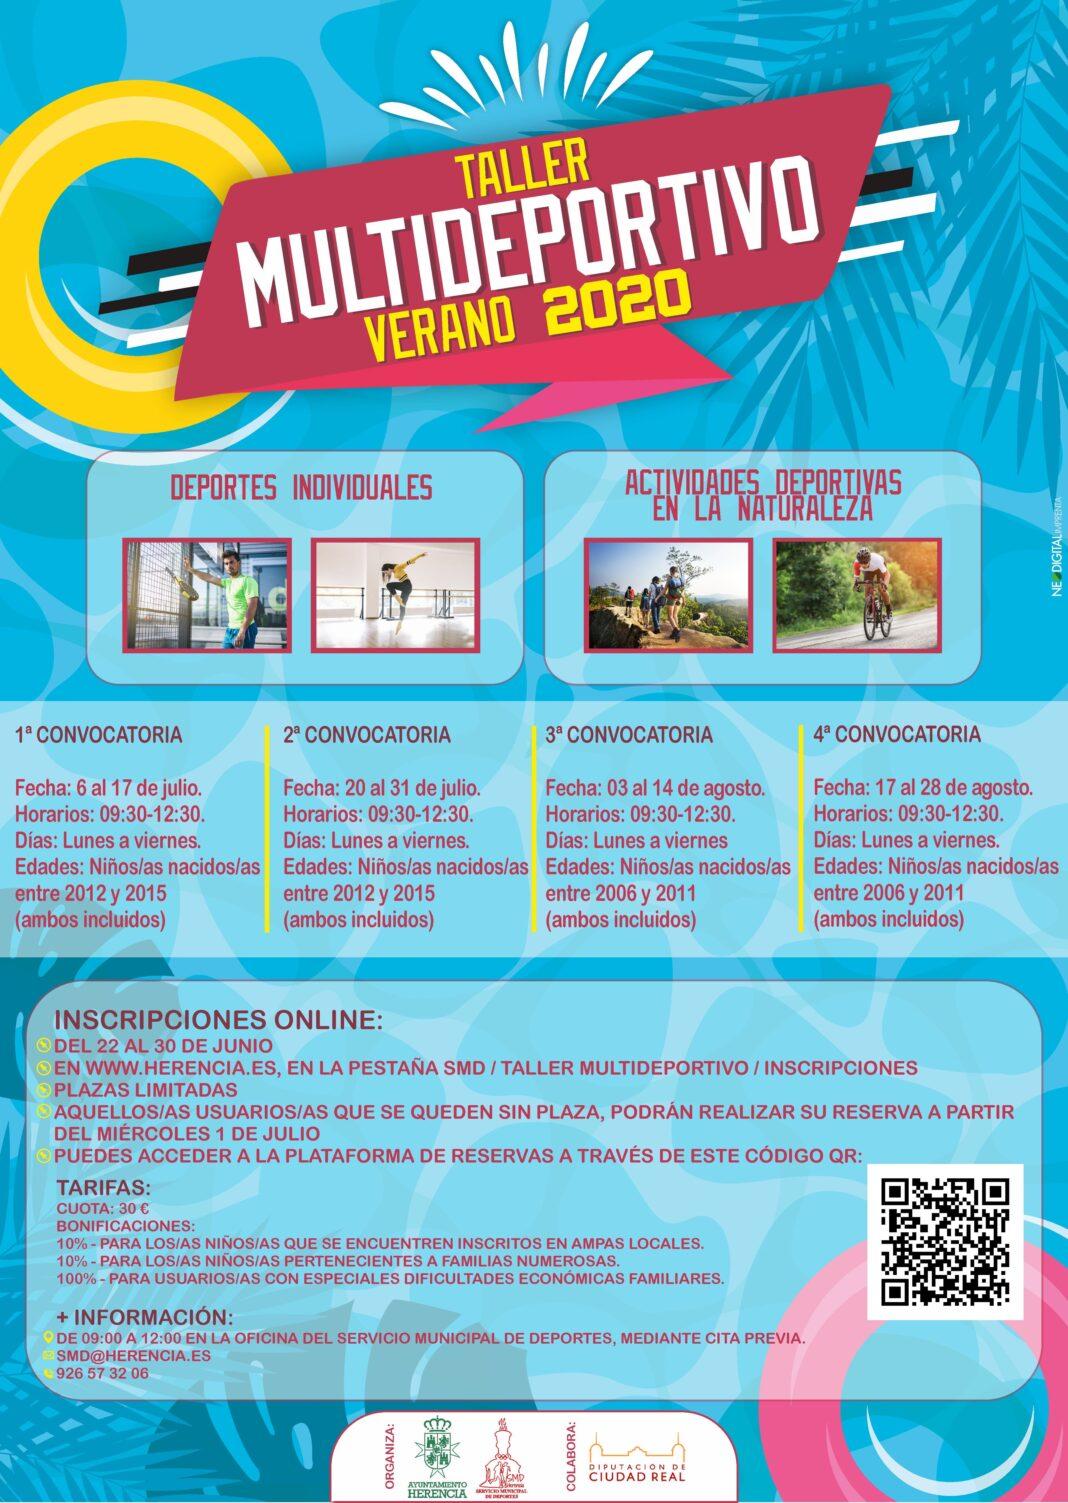 Cartel 2020 taller multideportivo herencia 1068x1503 - Deportes individuales y actividades en la naturaleza de forma segura este verano en Herencia